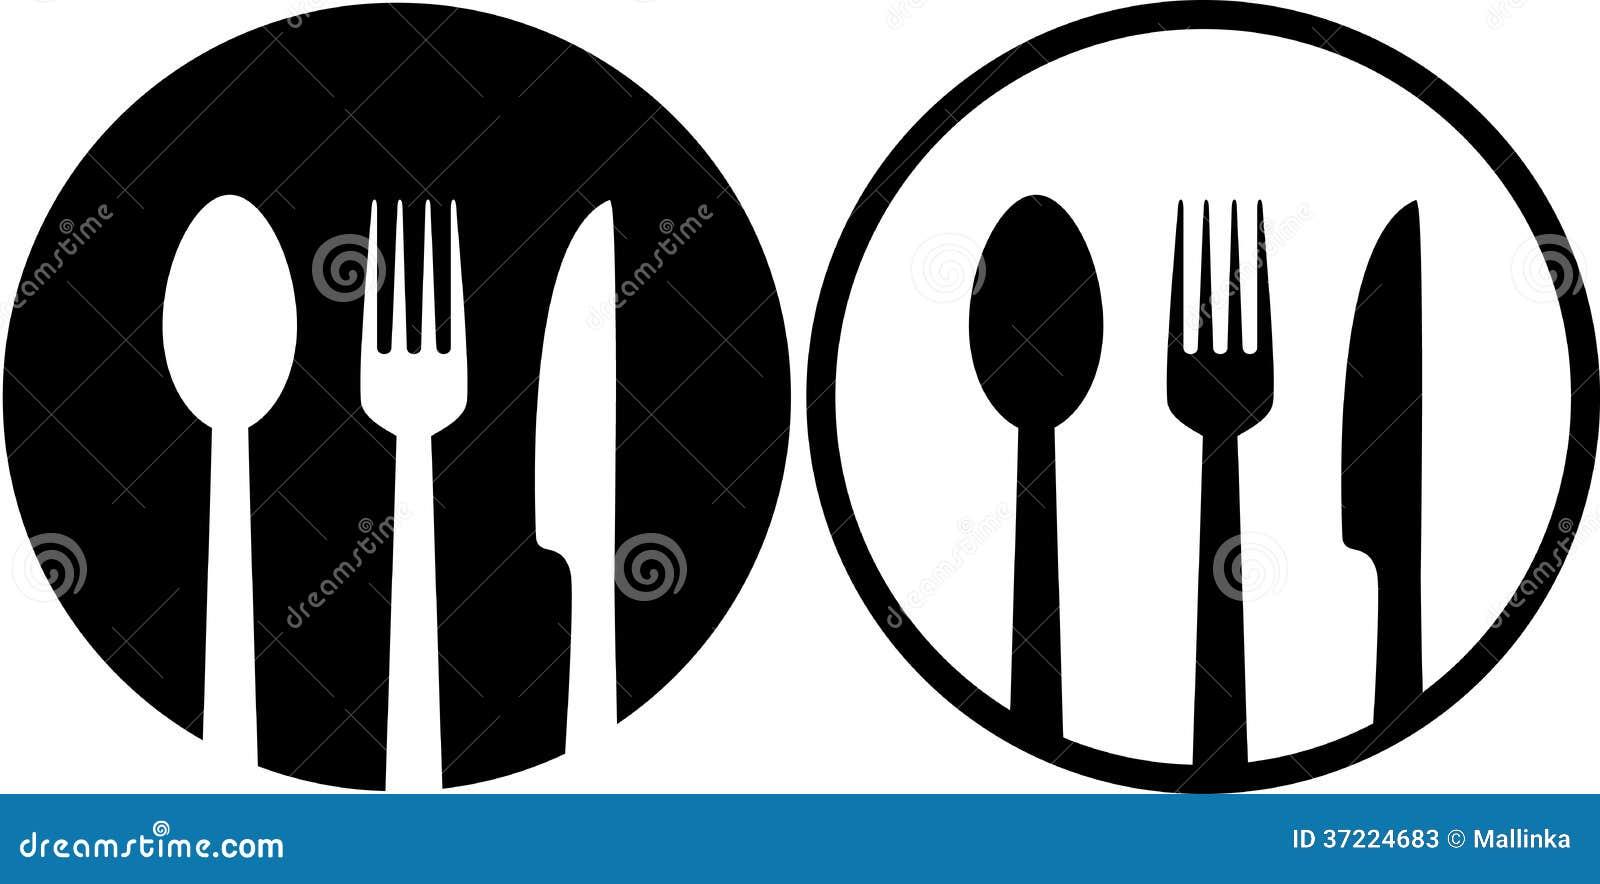 Zeichen Mit Löffel, Gabel Und Messer Vektor Abbildung